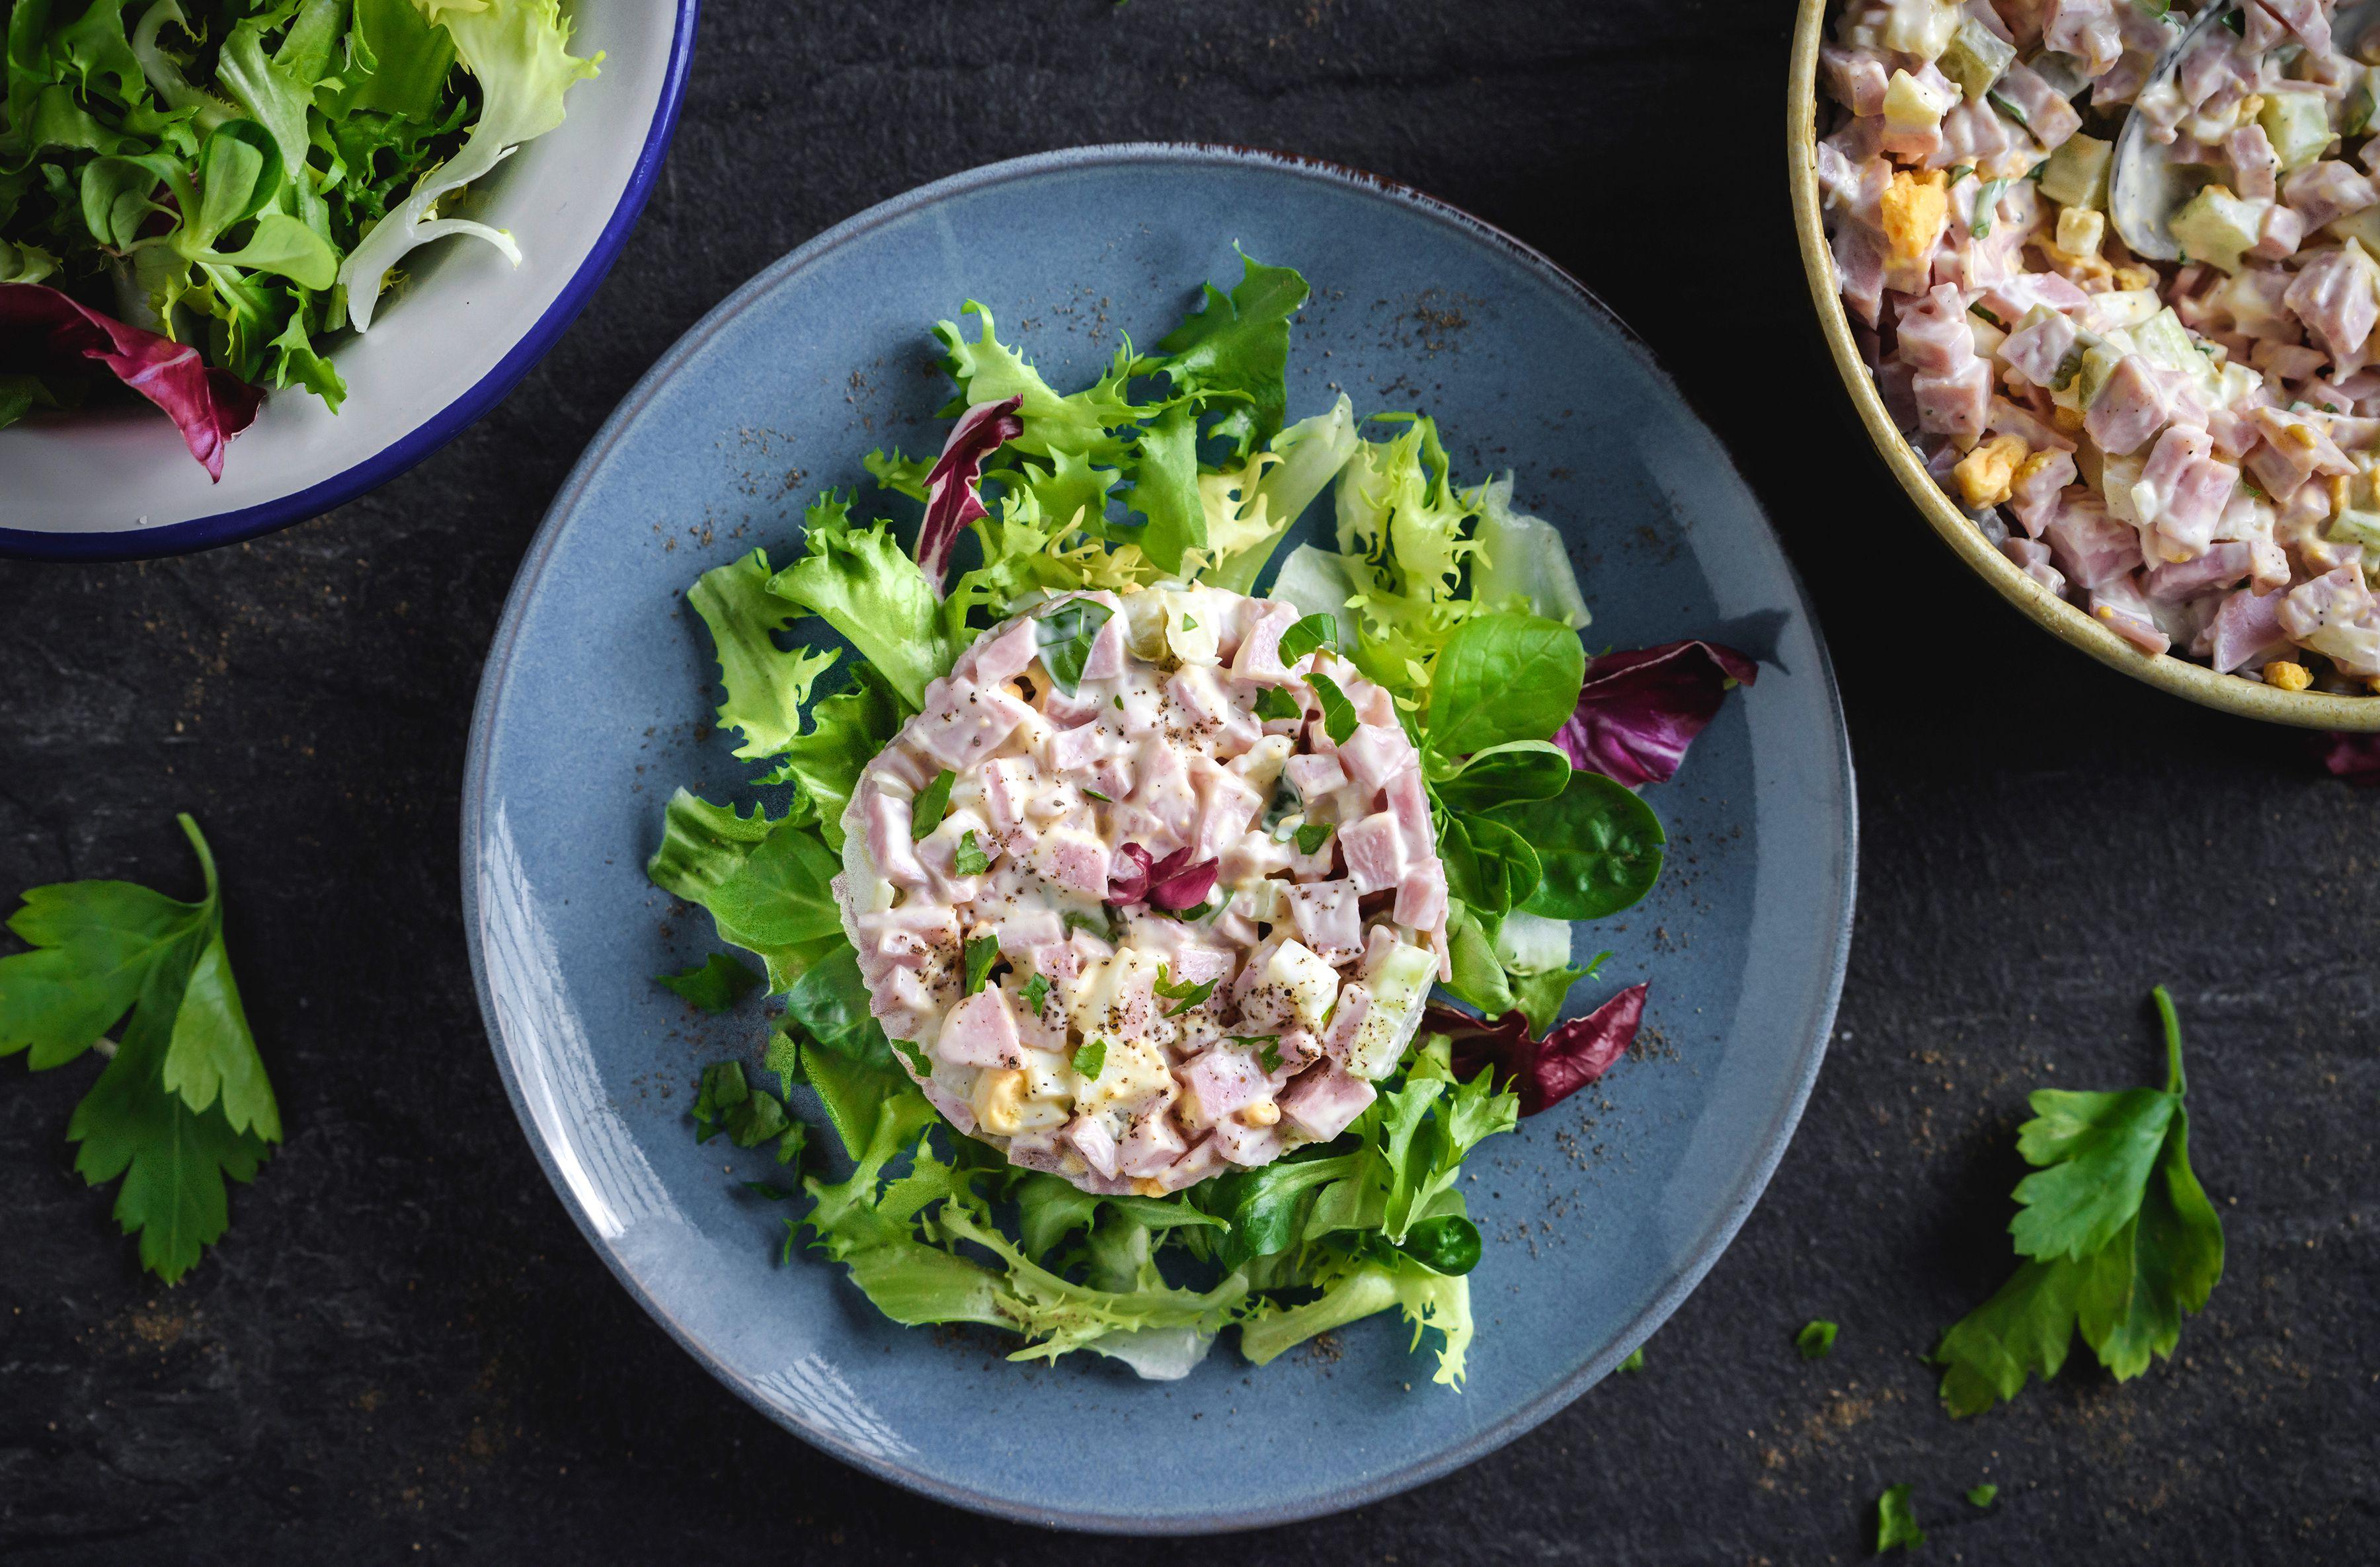 Serve on a salad